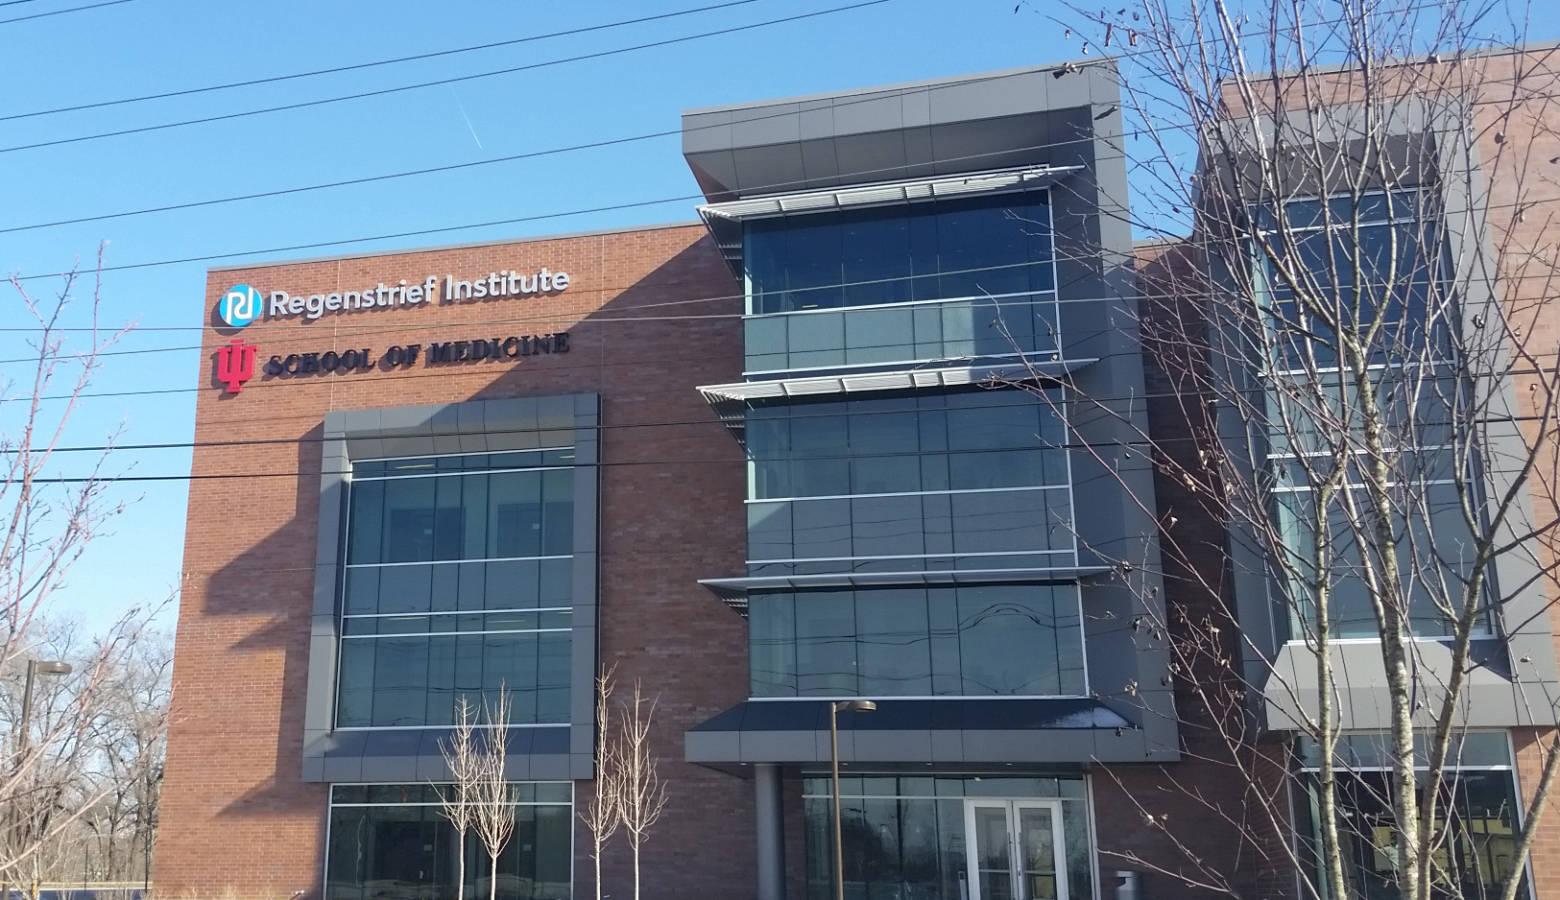 Regenstrief Institute, Indiana University School of Medicine (Lauren Chapman/IPB News)